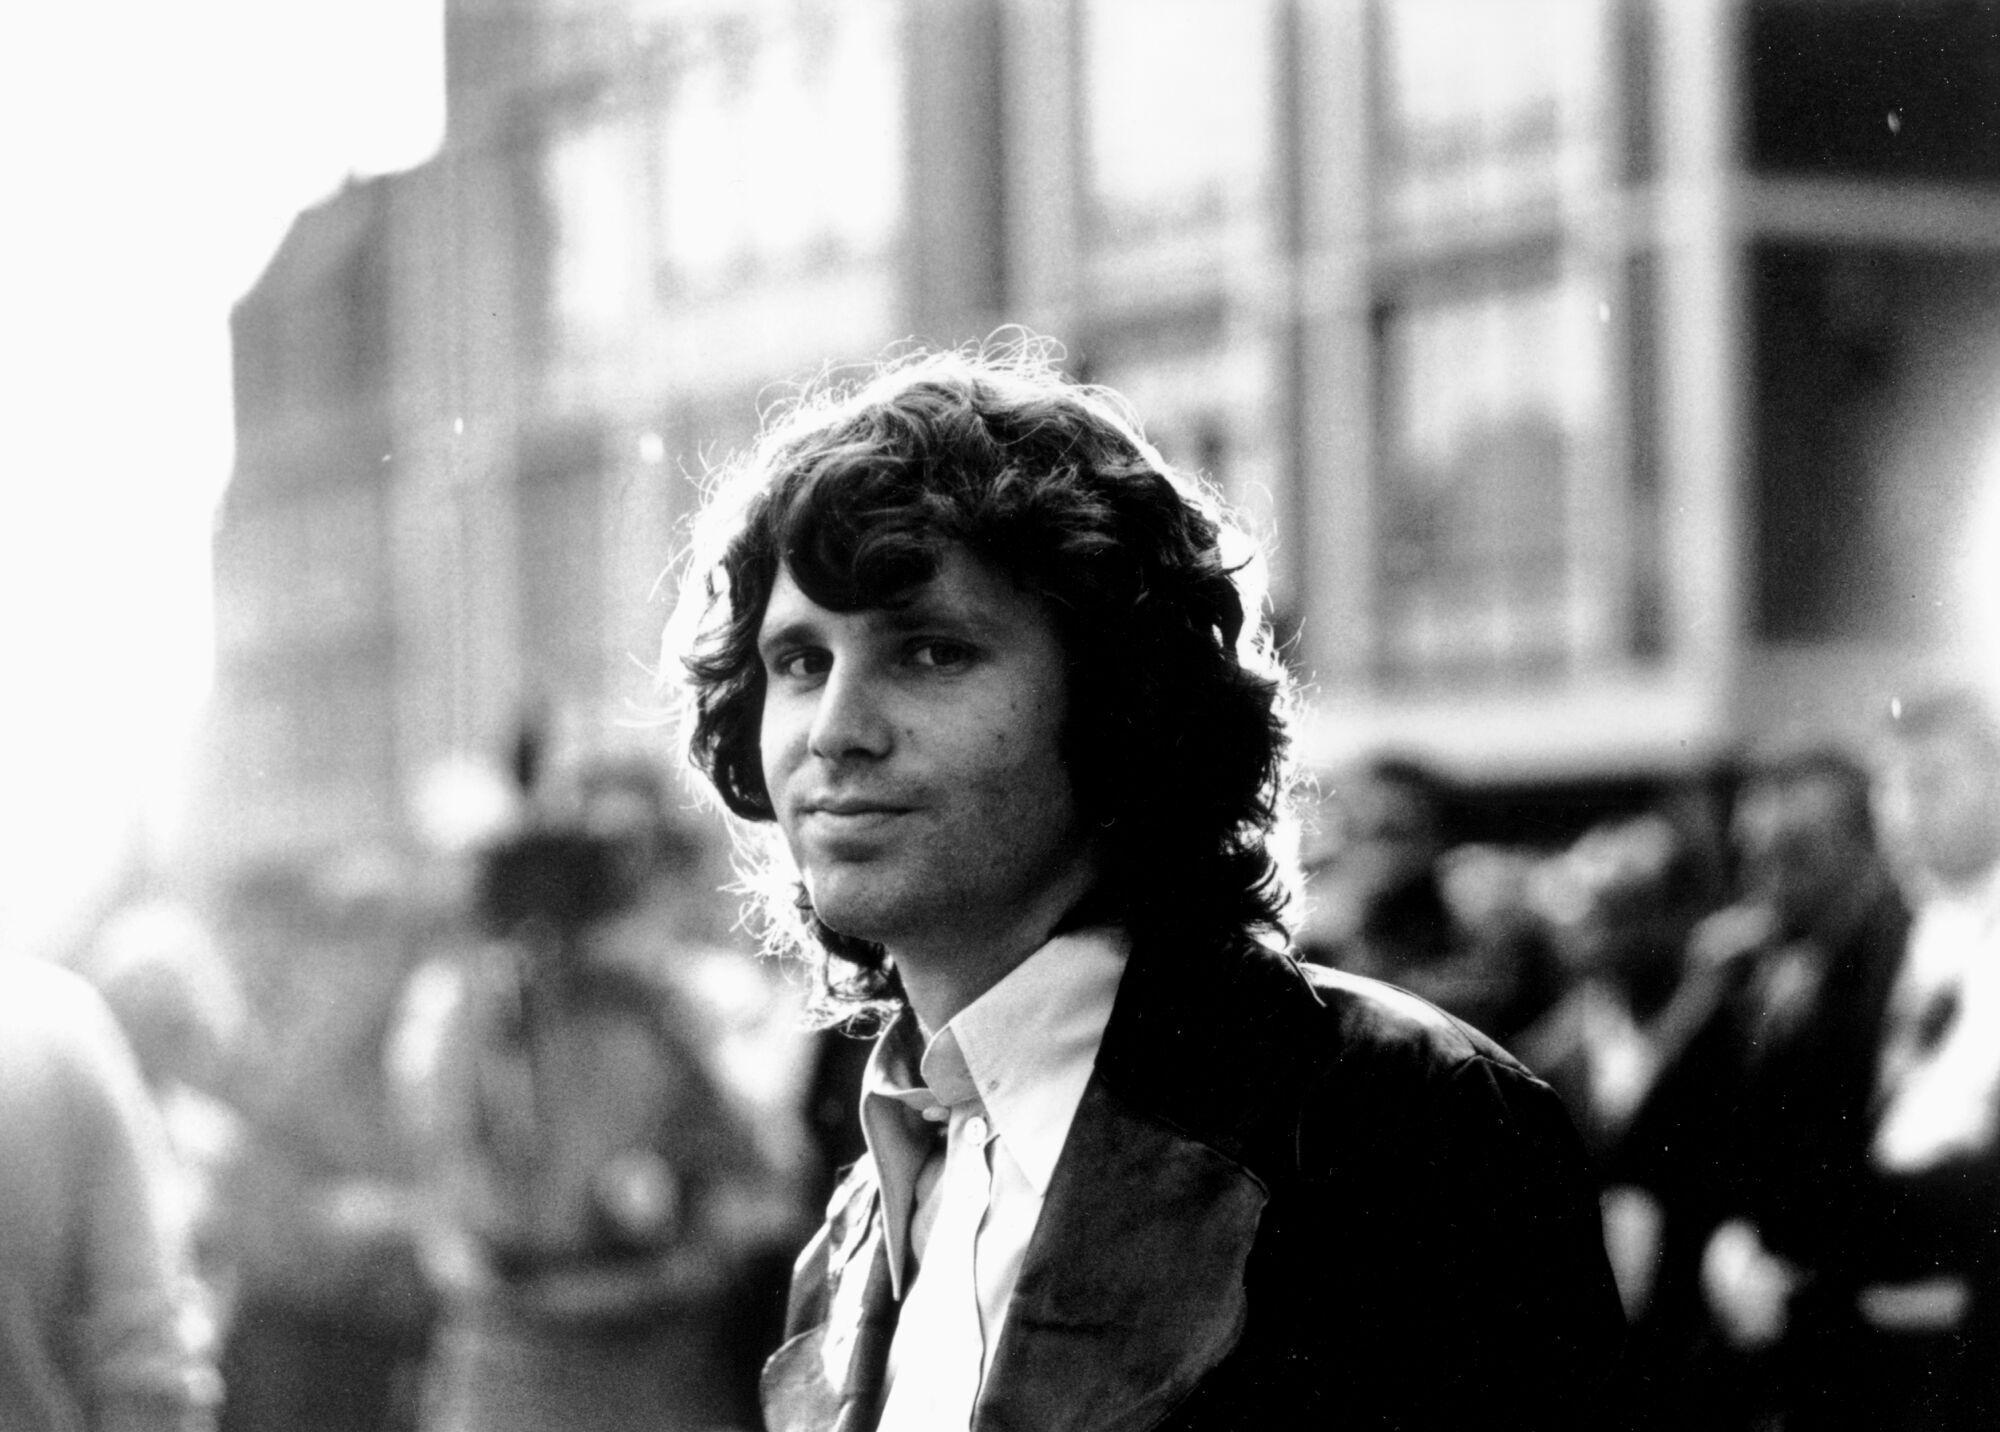 Лідер гурту The Doors офіційно помер від серцевого нападу у віці 27 років